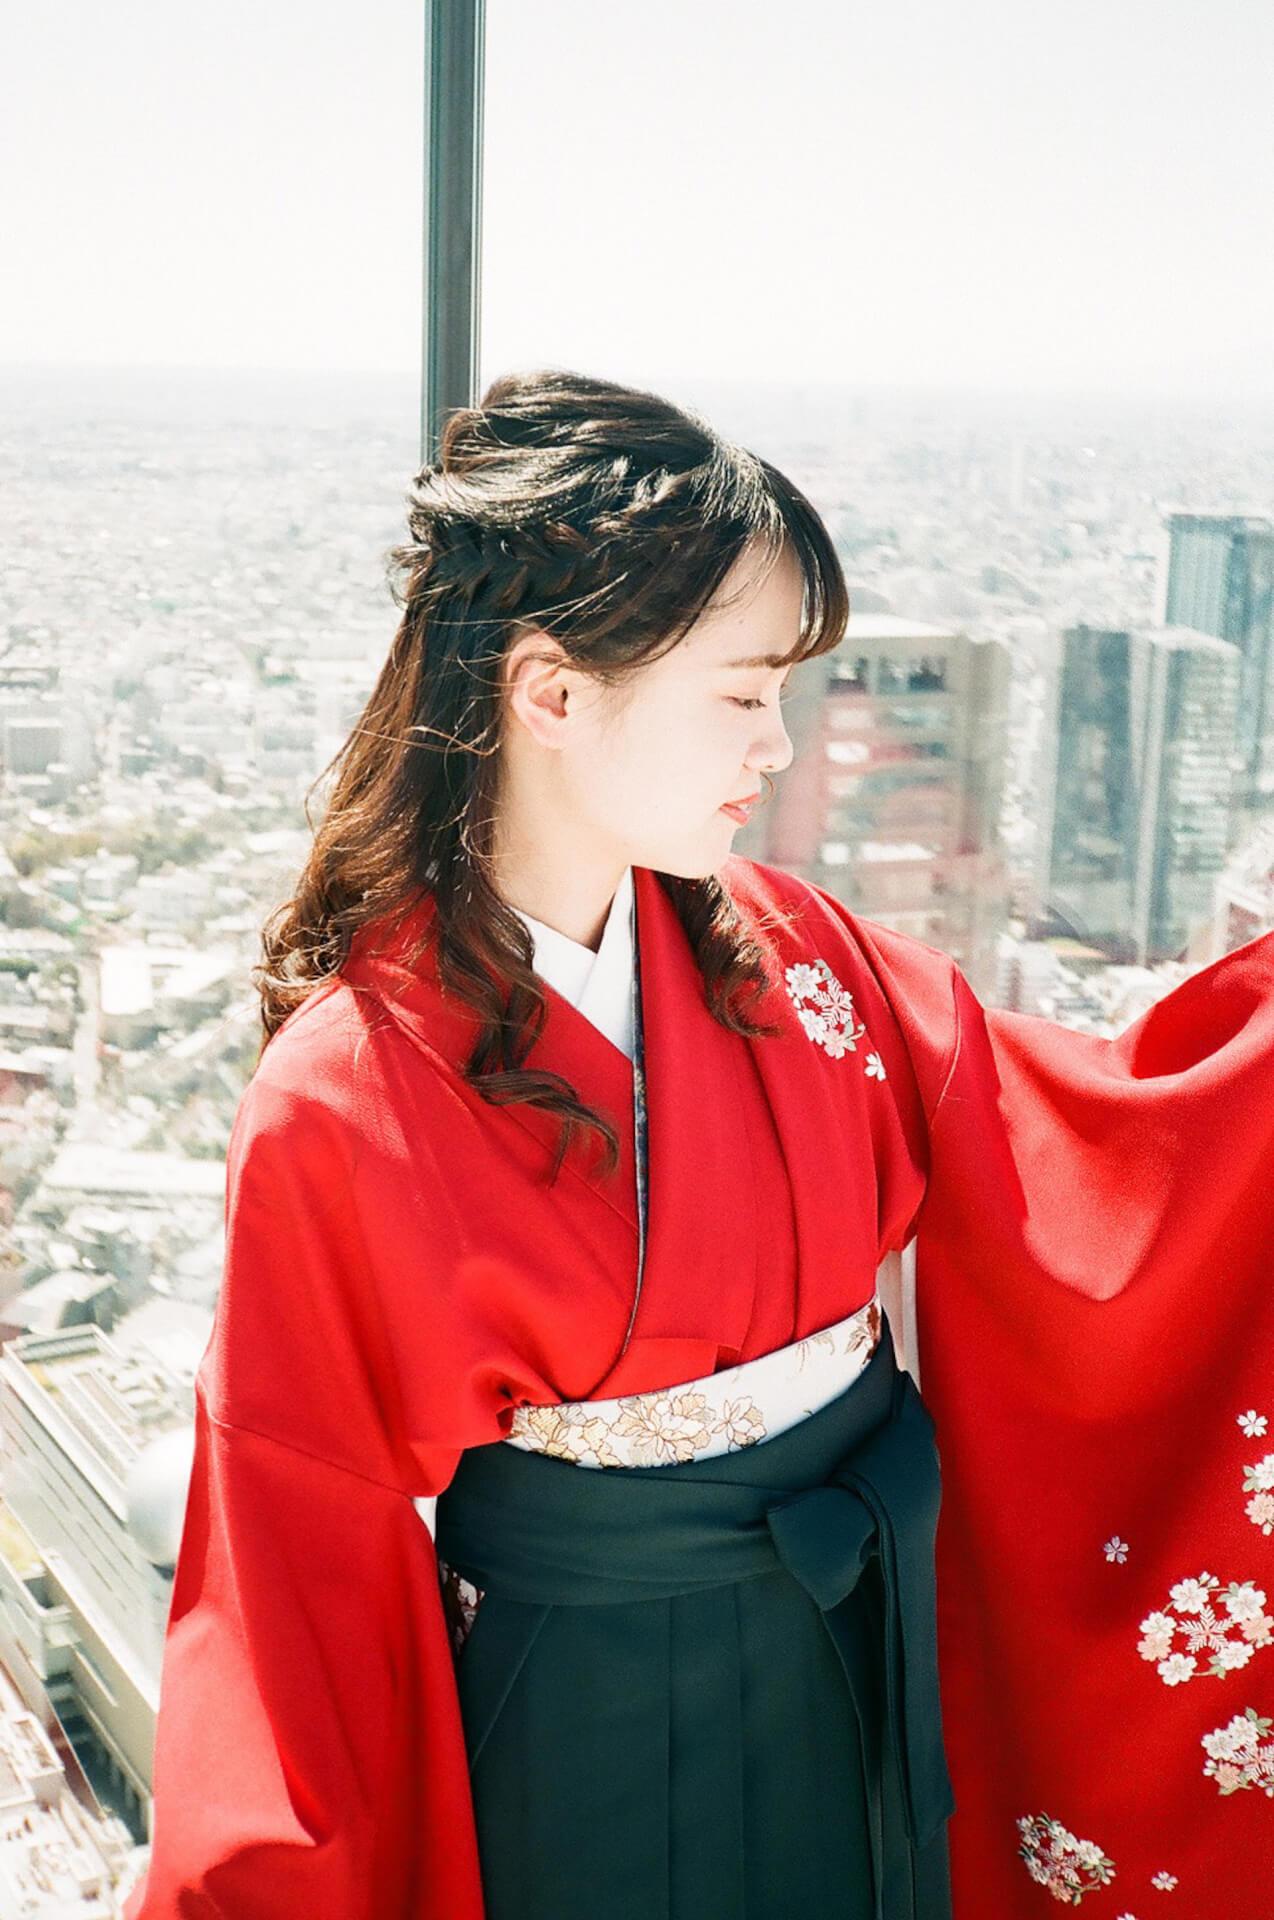 はなむけしゃしん - ぶるじょあ会「渋谷は日本のTOKYO」 art200415_hanamukeshashin5_2